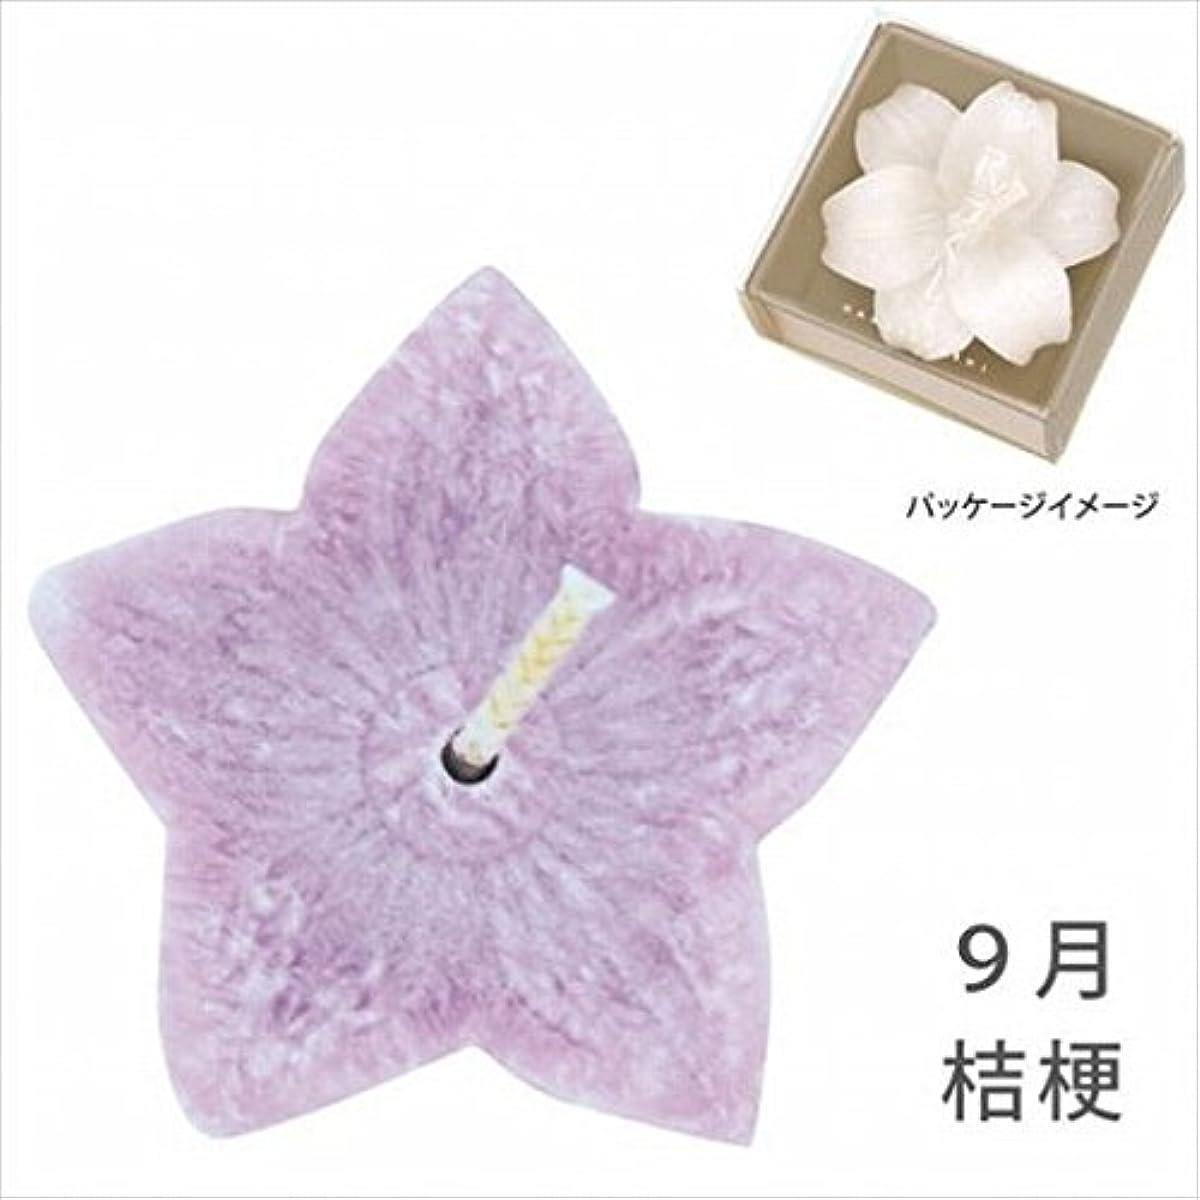 彫る葉巻置くためにパックkameyama candle(カメヤマキャンドル) 花づくし(植物性) 桔梗 「 桔梗(9月) 」 キャンドル(A4620510)